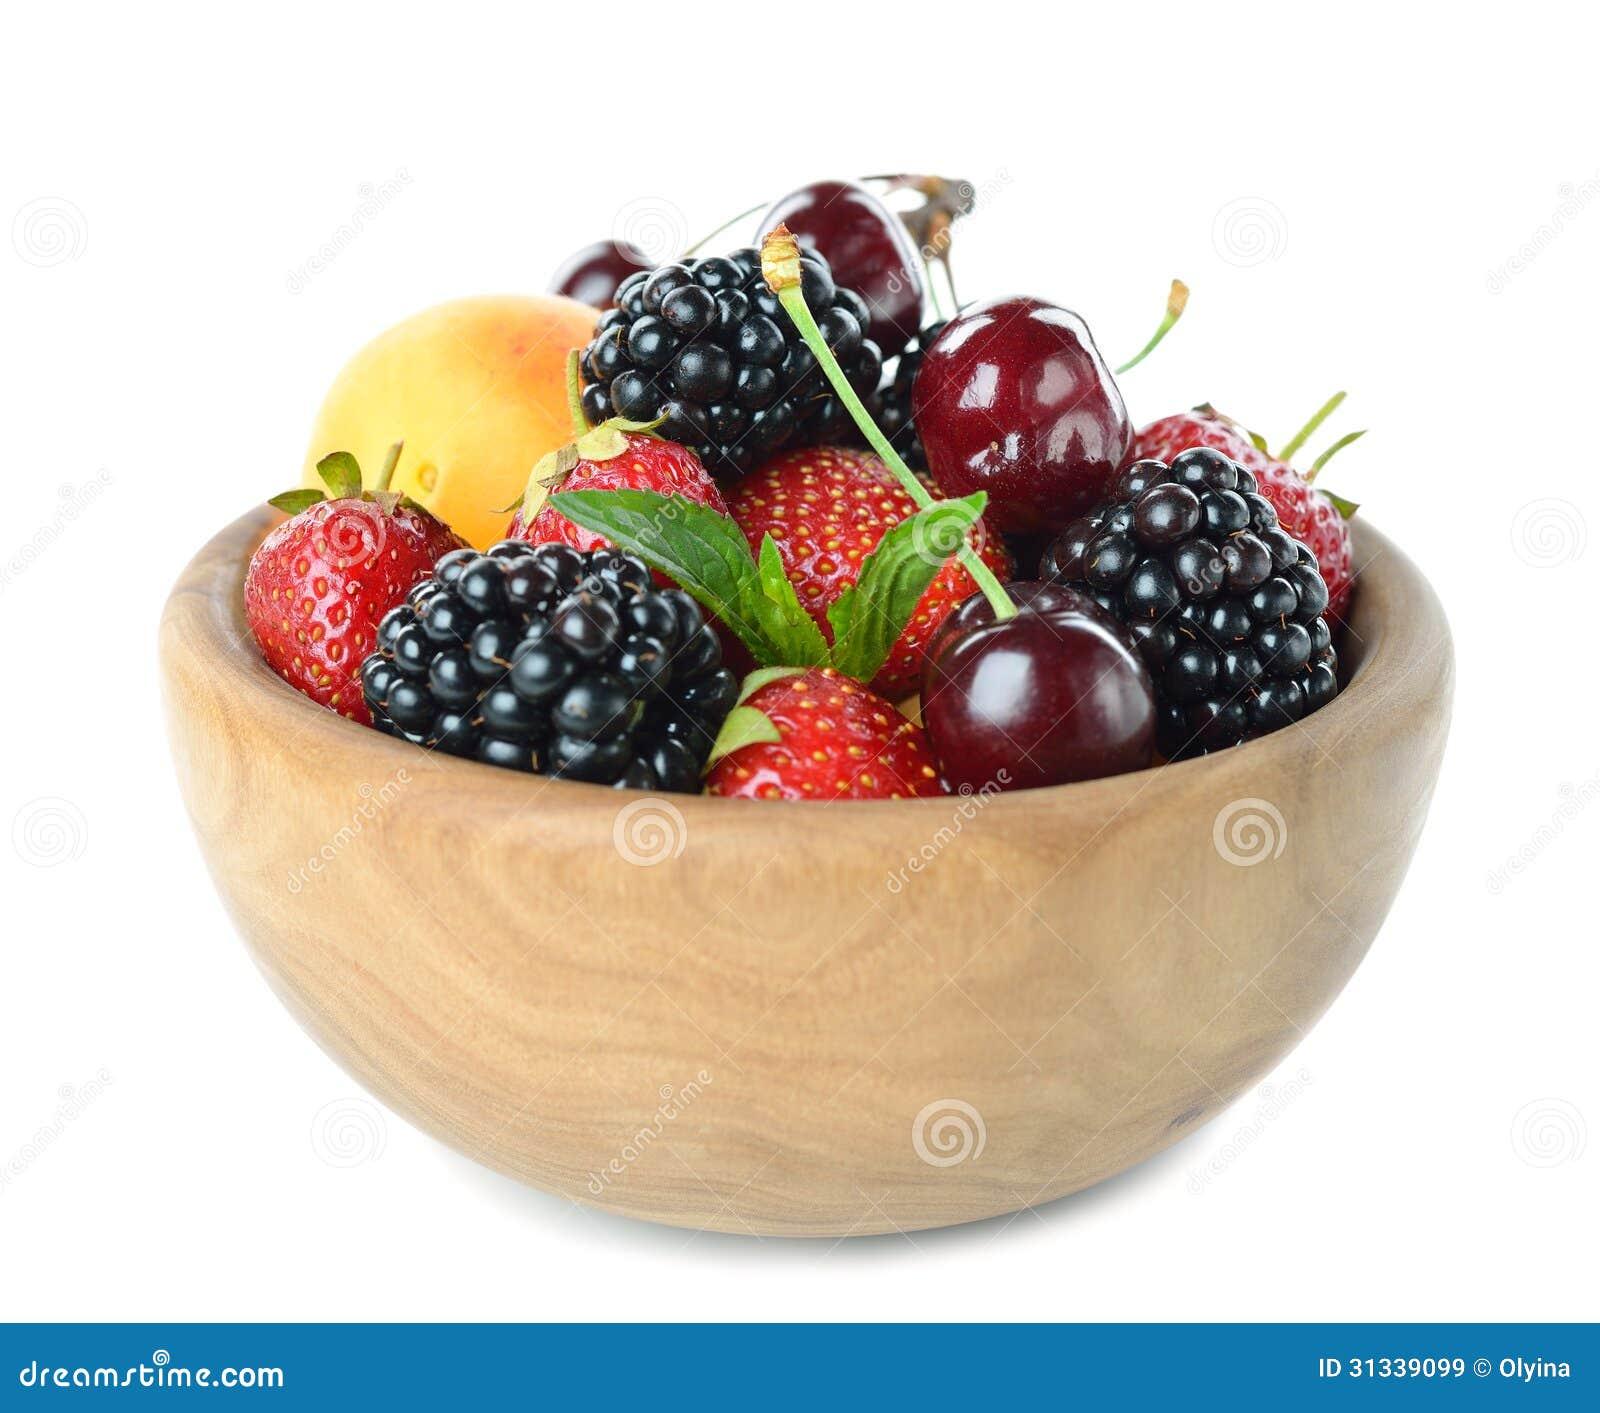 *Concurso*: Alfeix Club: The Black Diamond - Página 2 Fruit-wooden-bowl-various-isolated-white-background-31339099